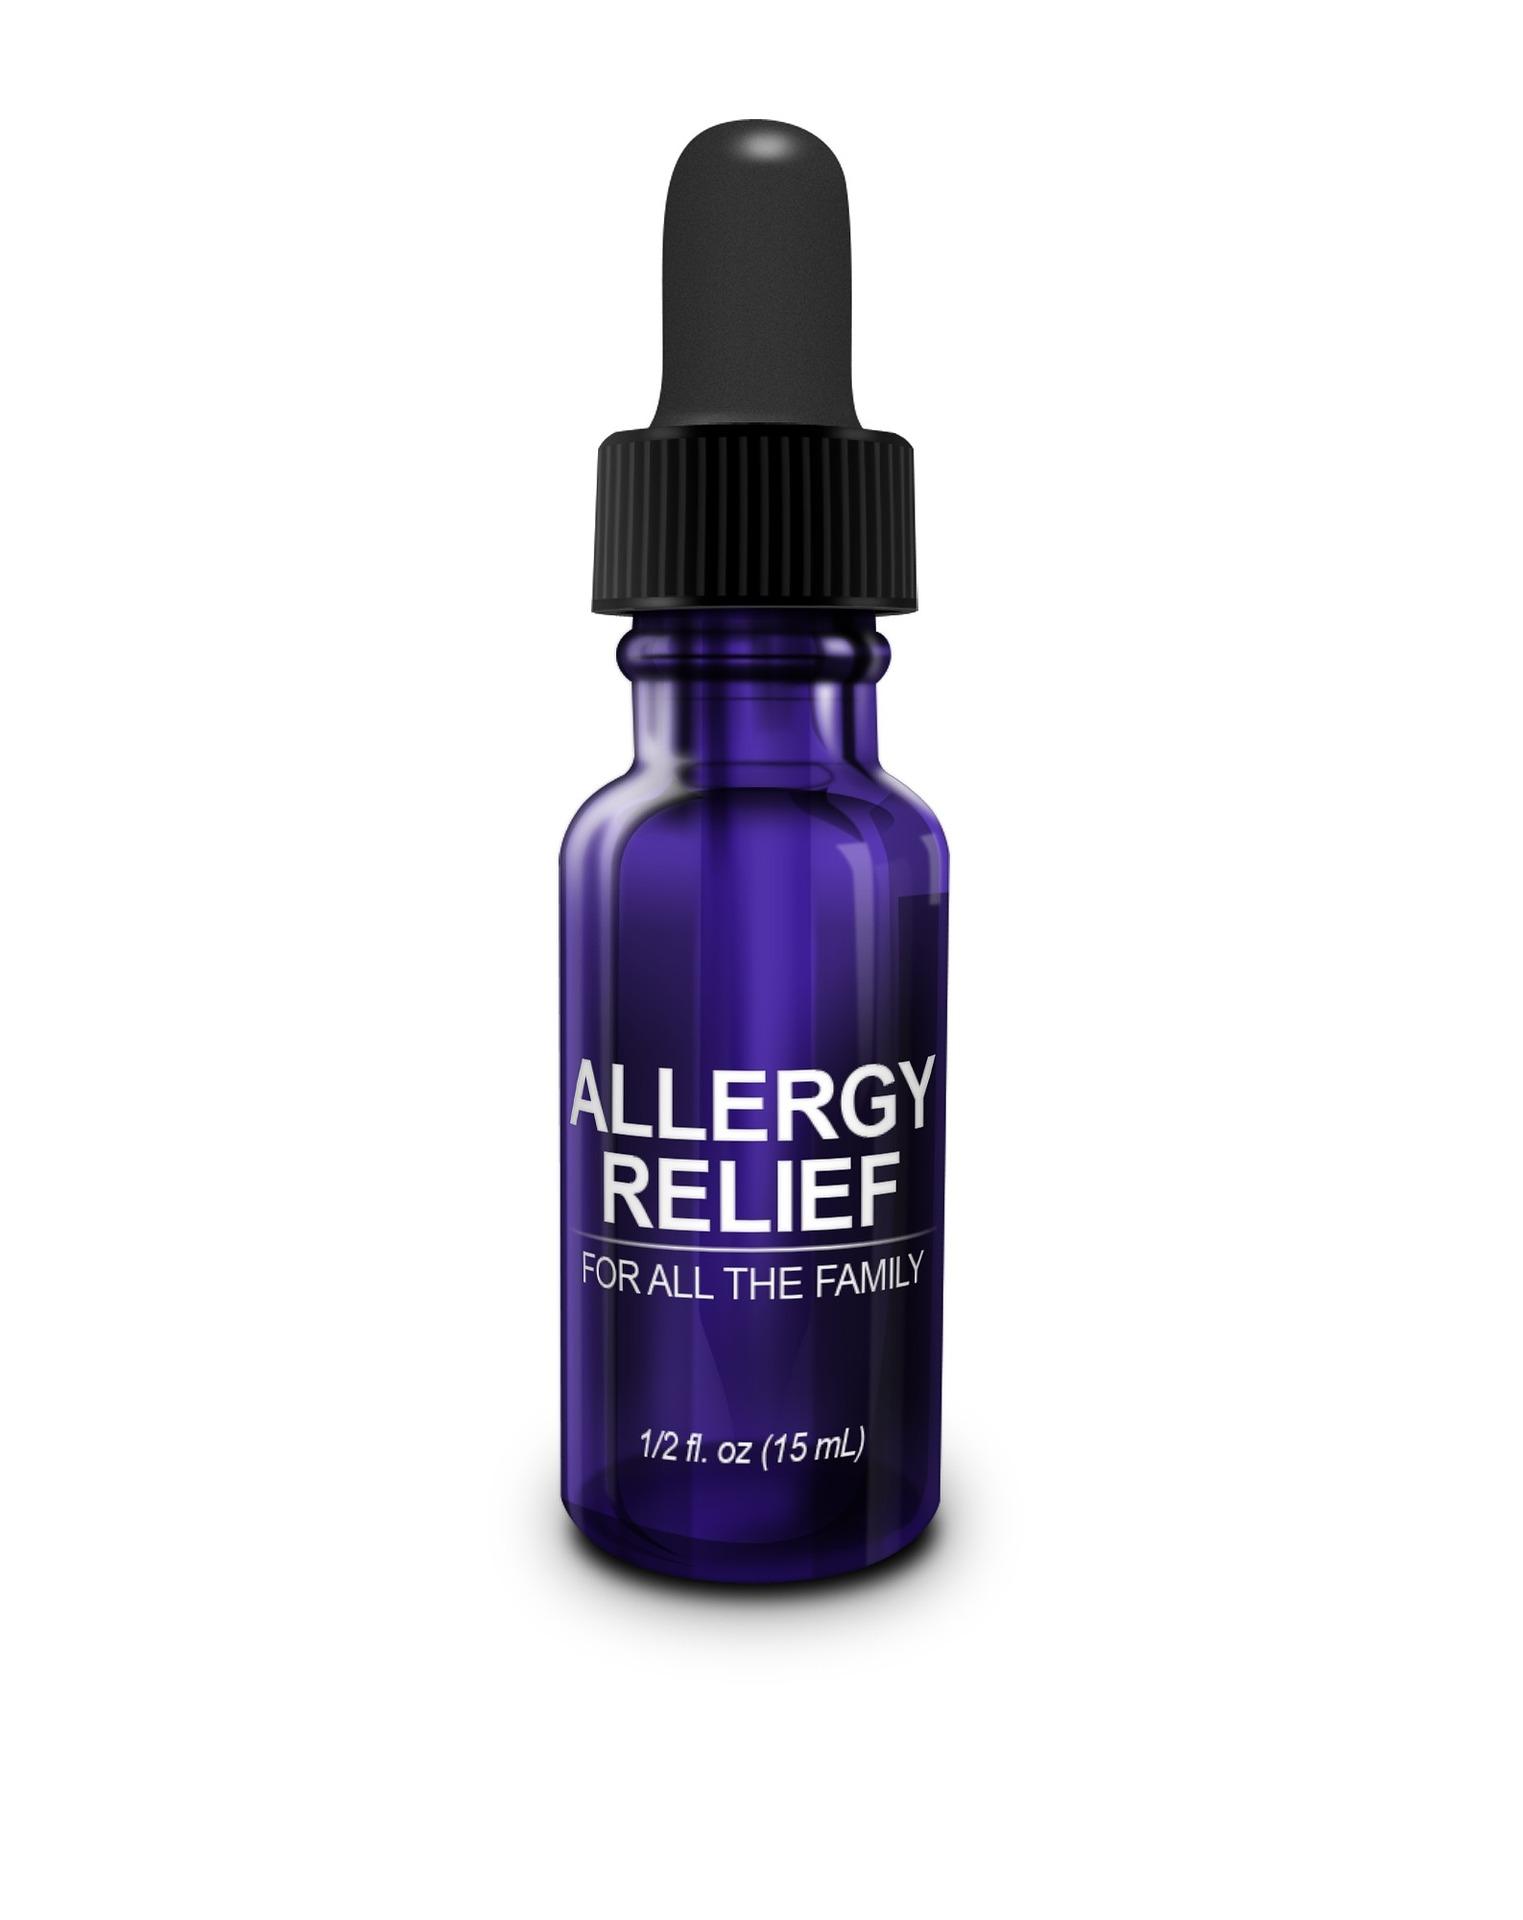 allergy-1279208_1920.jpg